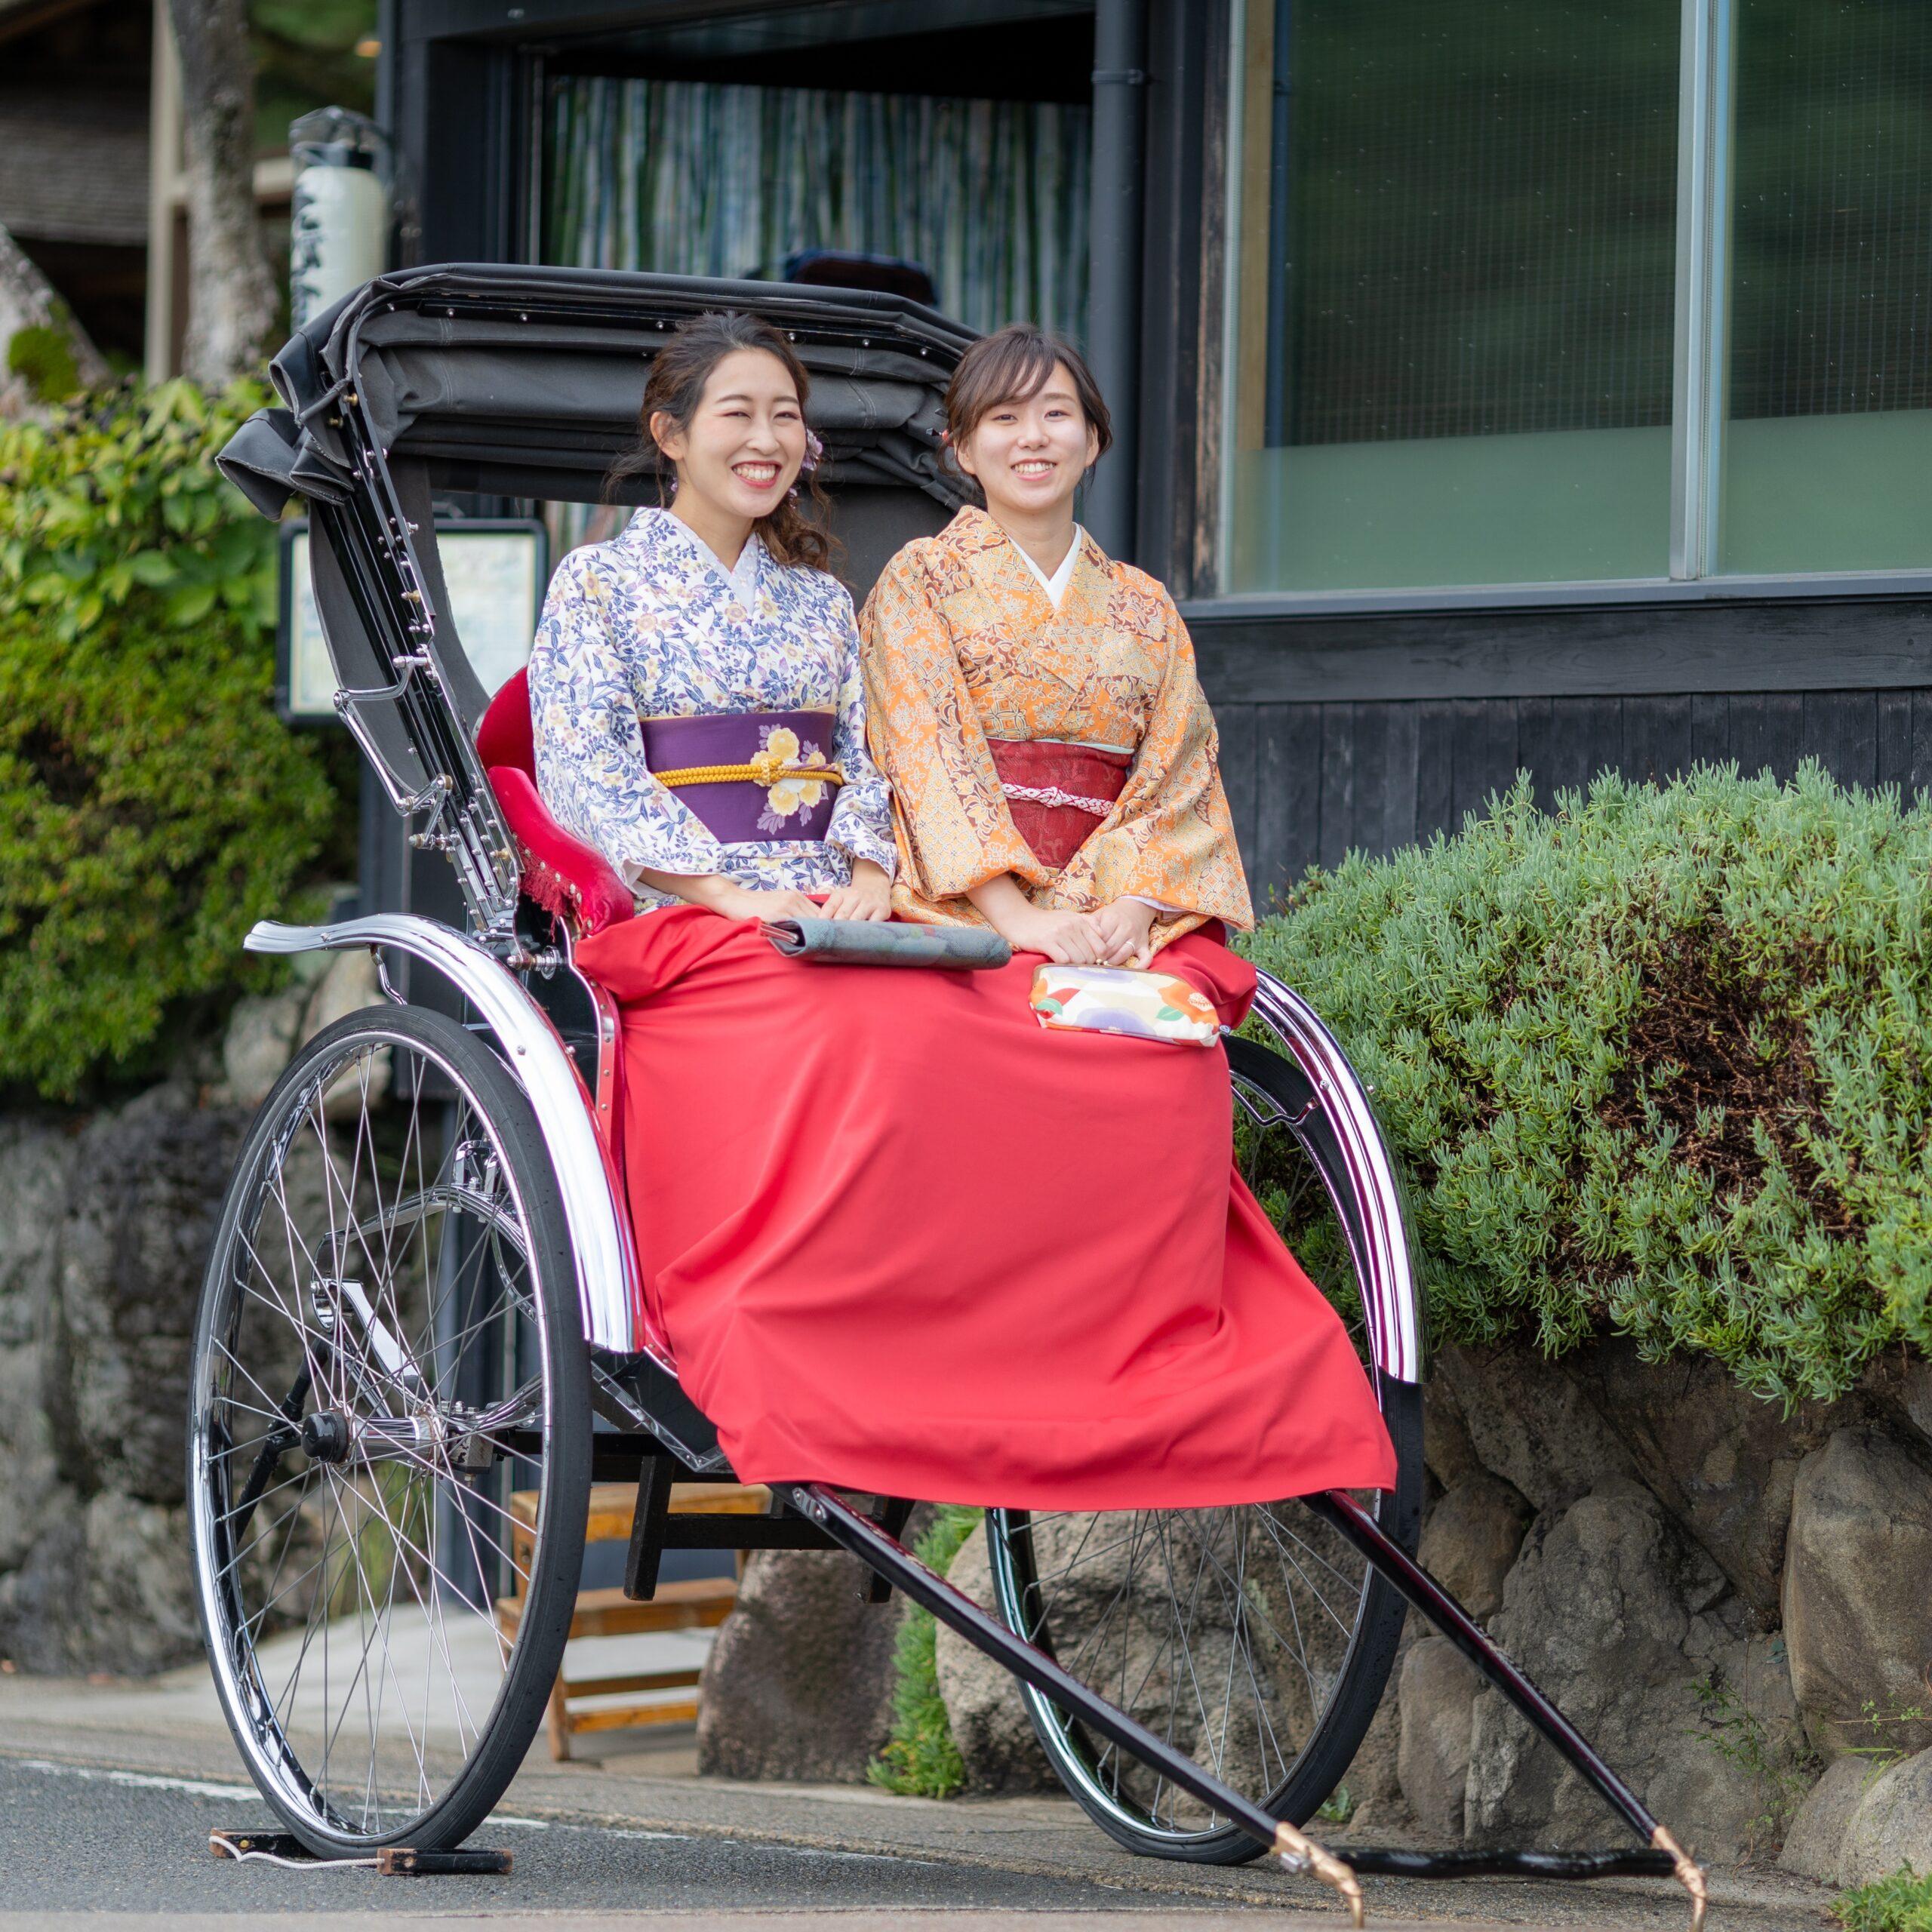 レンタル着物と人力車で京都を楽しむプラン